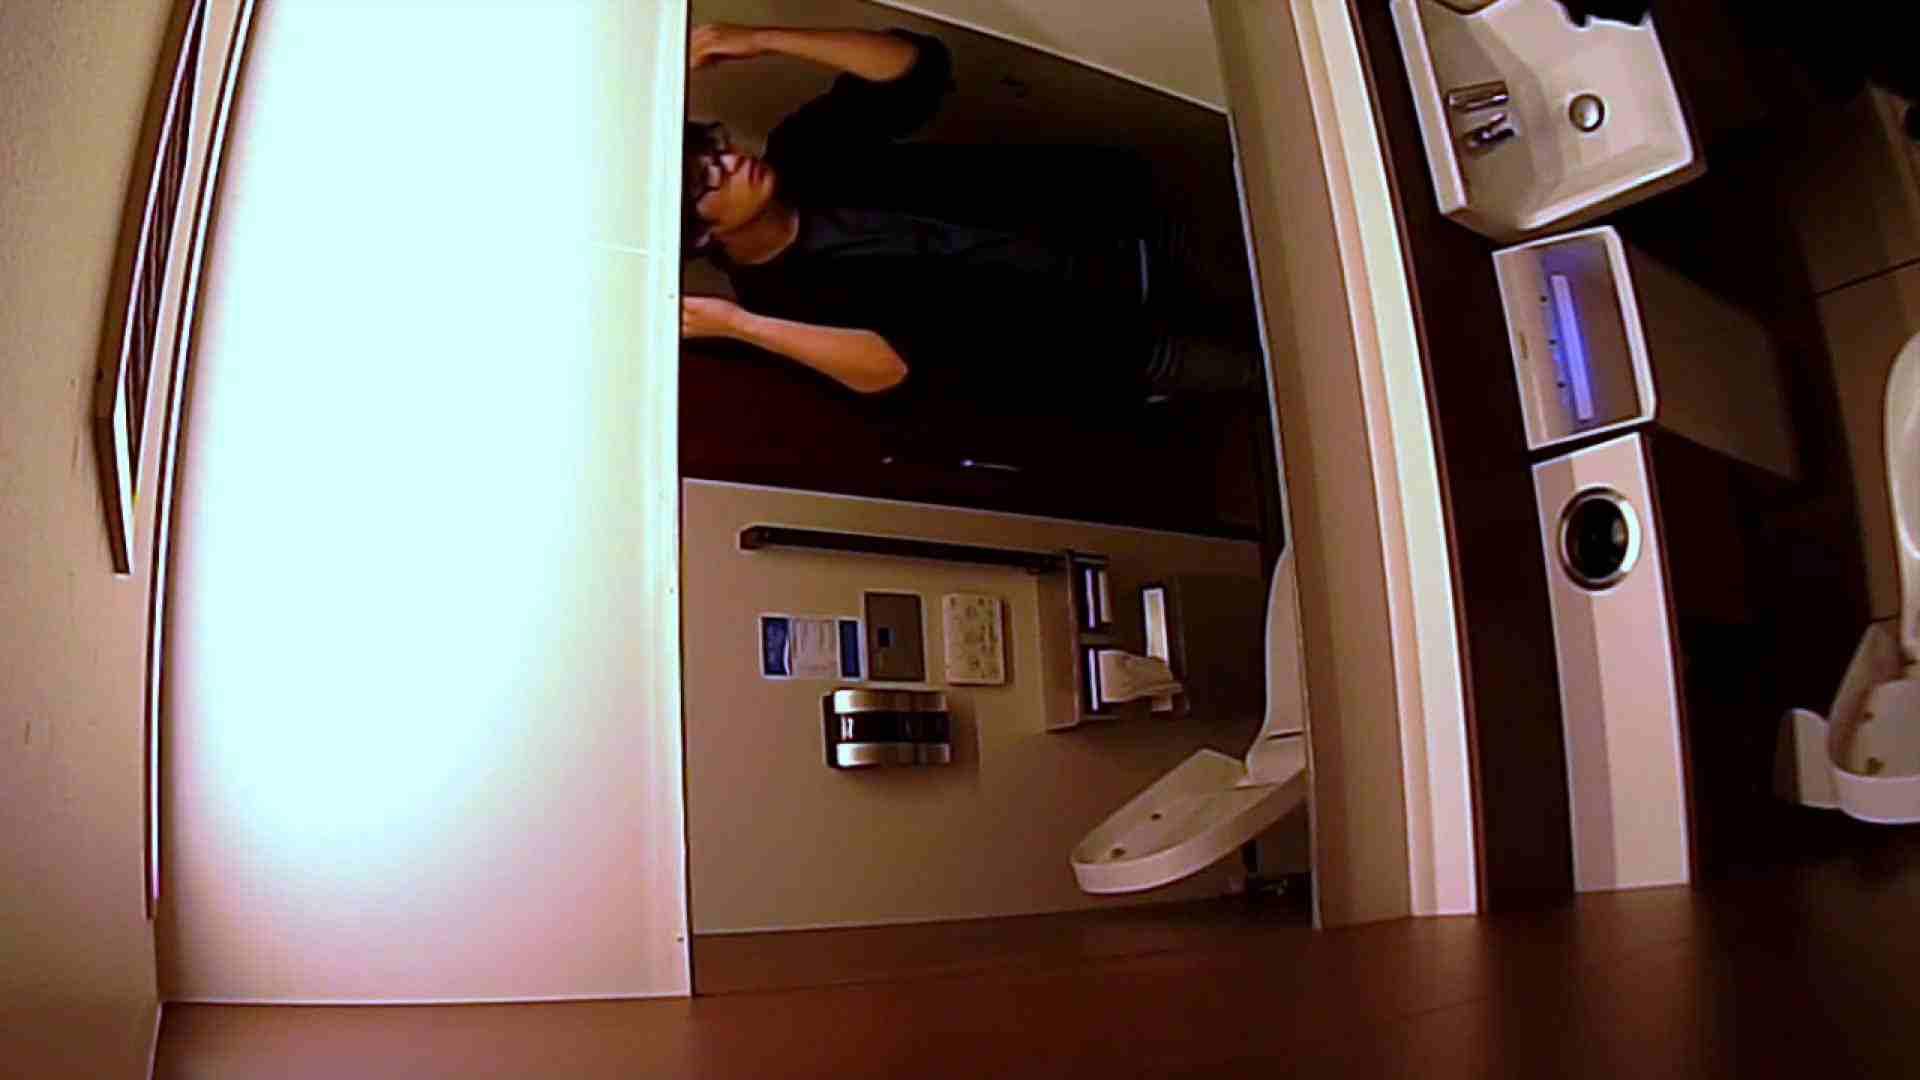 すみませんが覗かせてください Vol.28 トイレ | 0  64枚 29